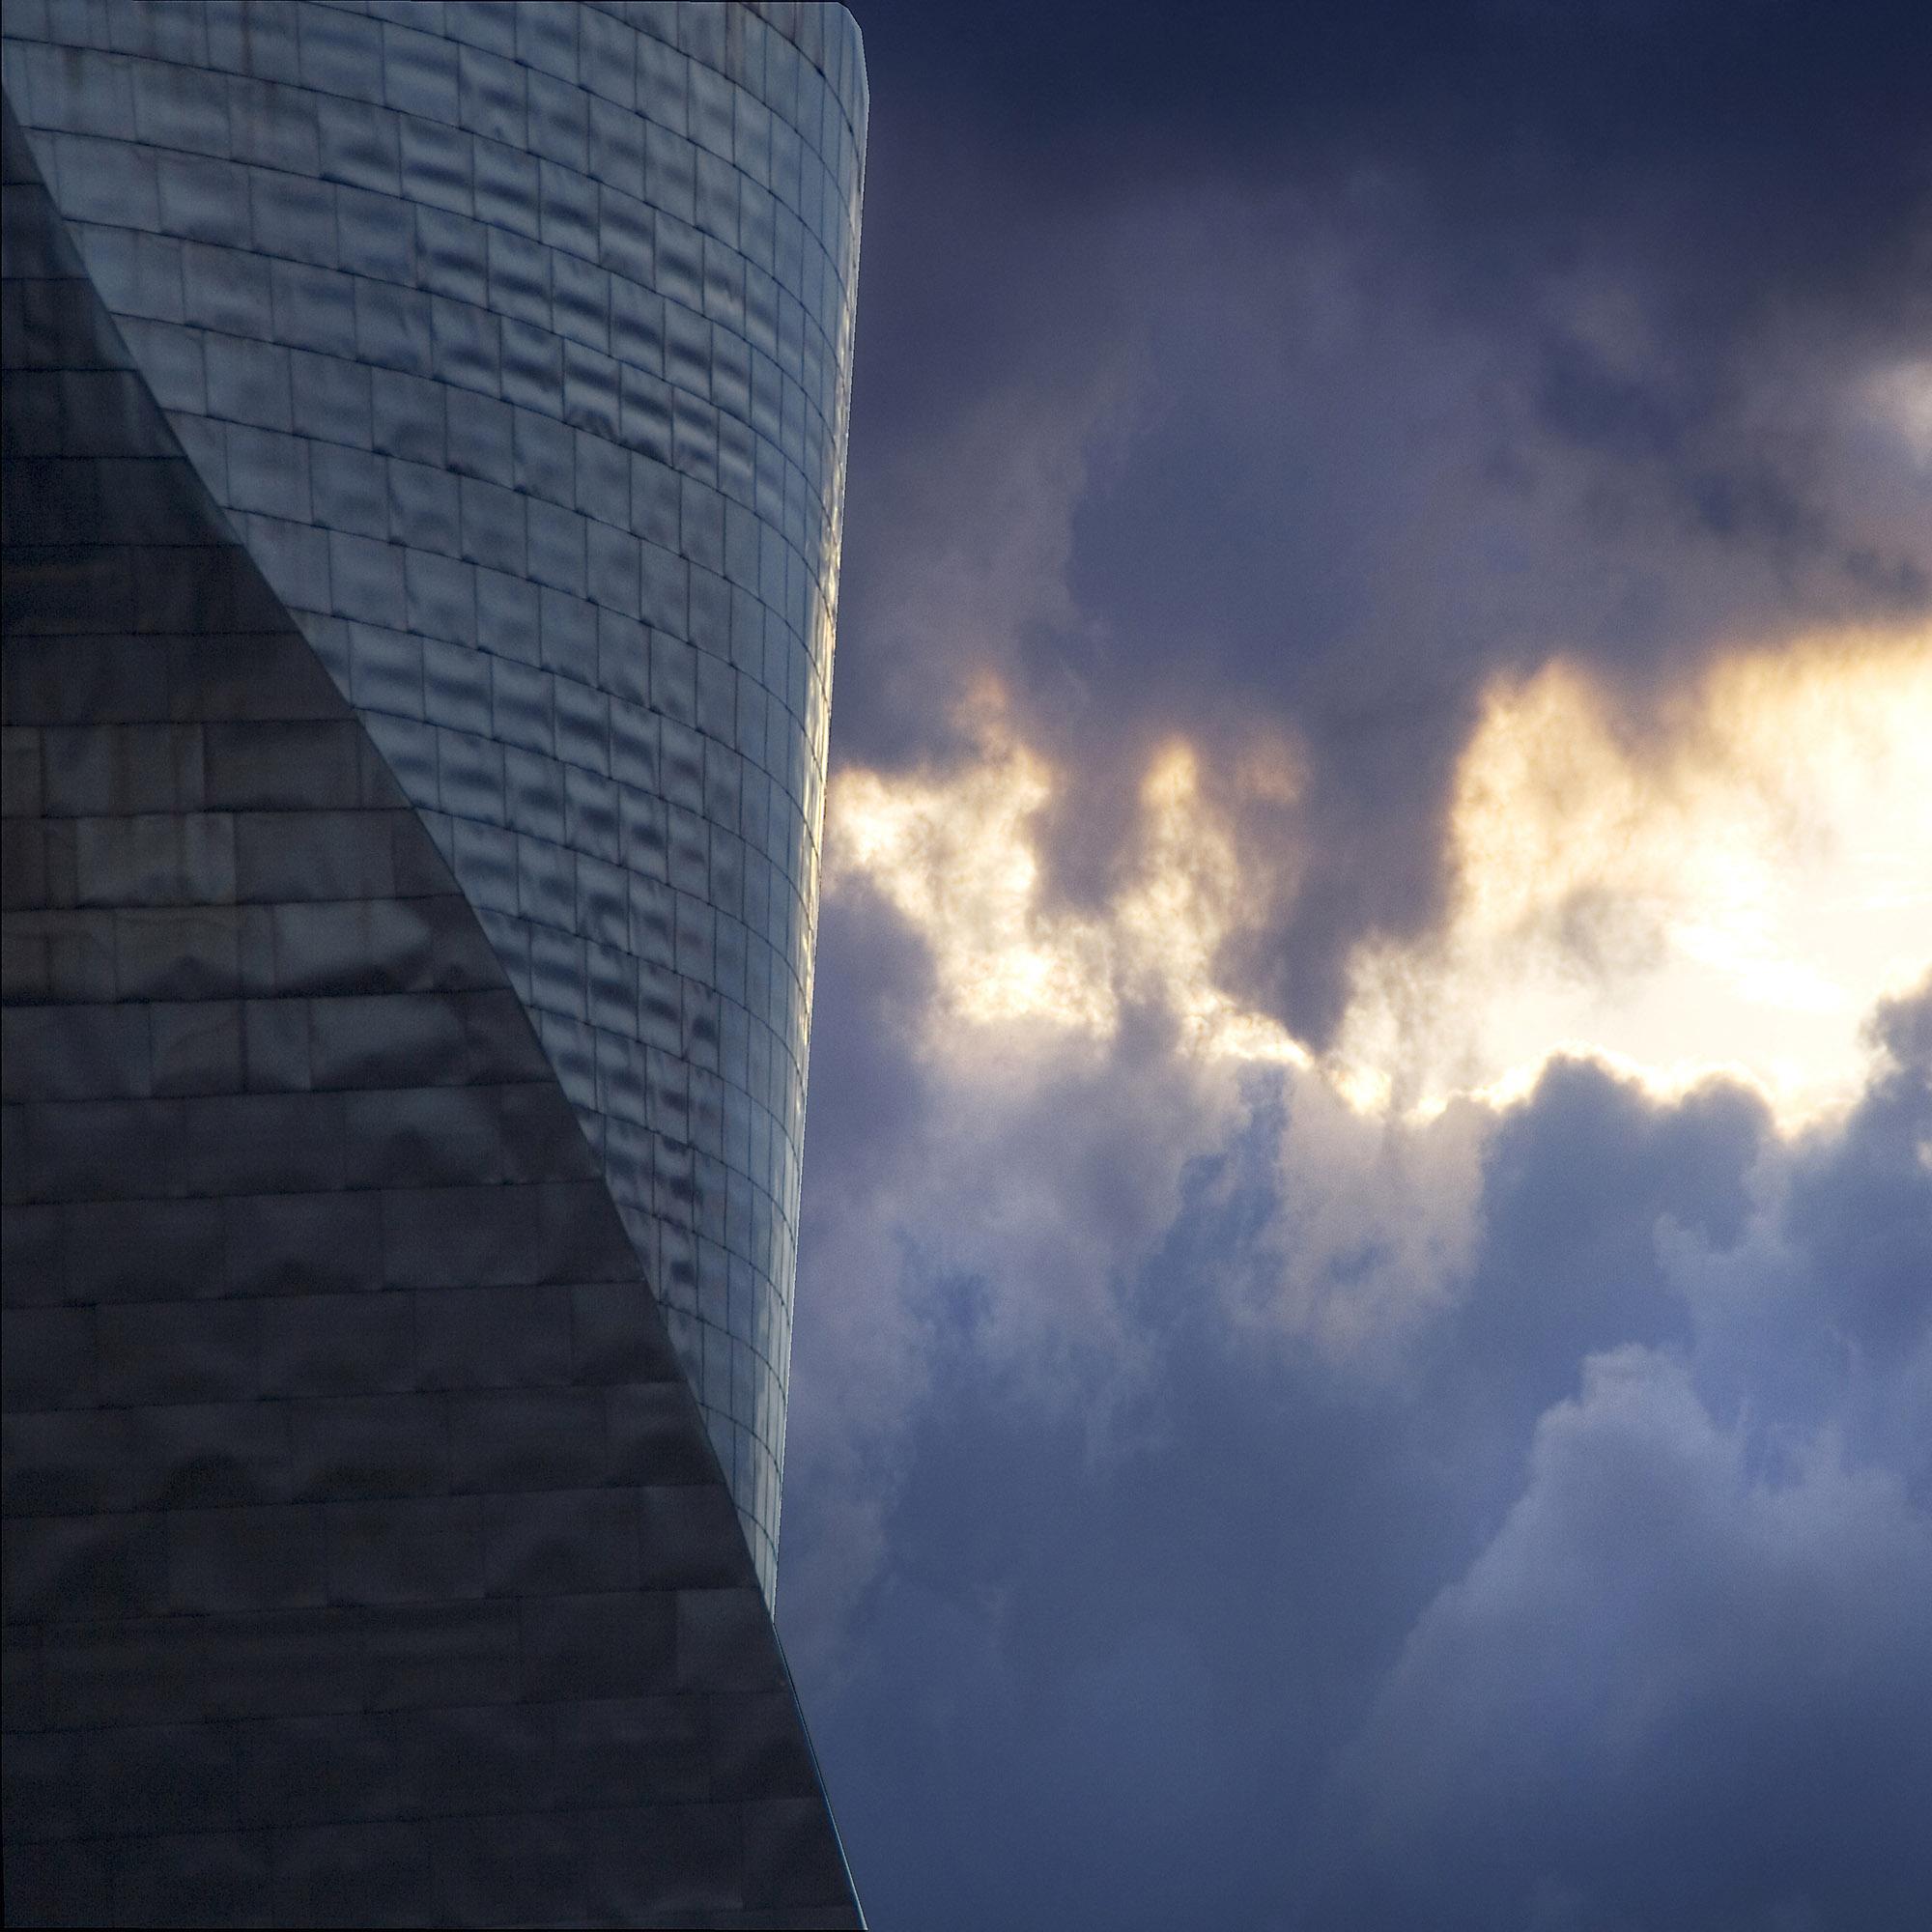 Foto van een deel van een gedraaid gebouw met lucht waar zon door wolken schijnt